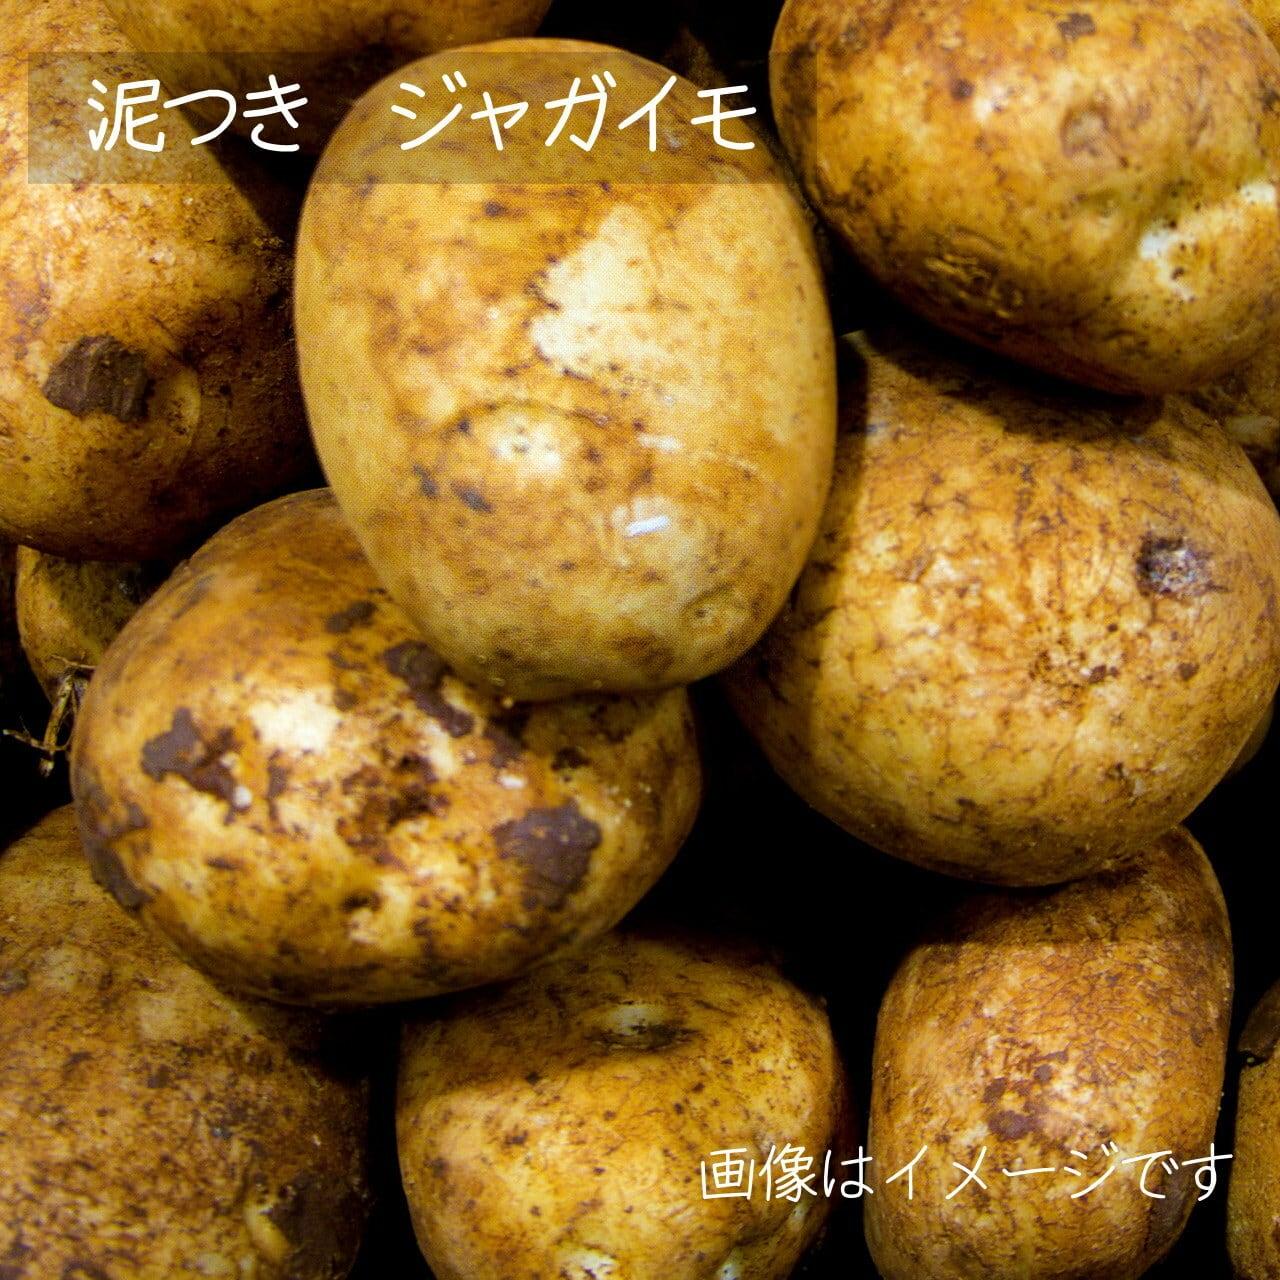 5月の朝採り直売野菜:ジャガイモ 4~5個 春の新鮮野菜 5月15日発送予定